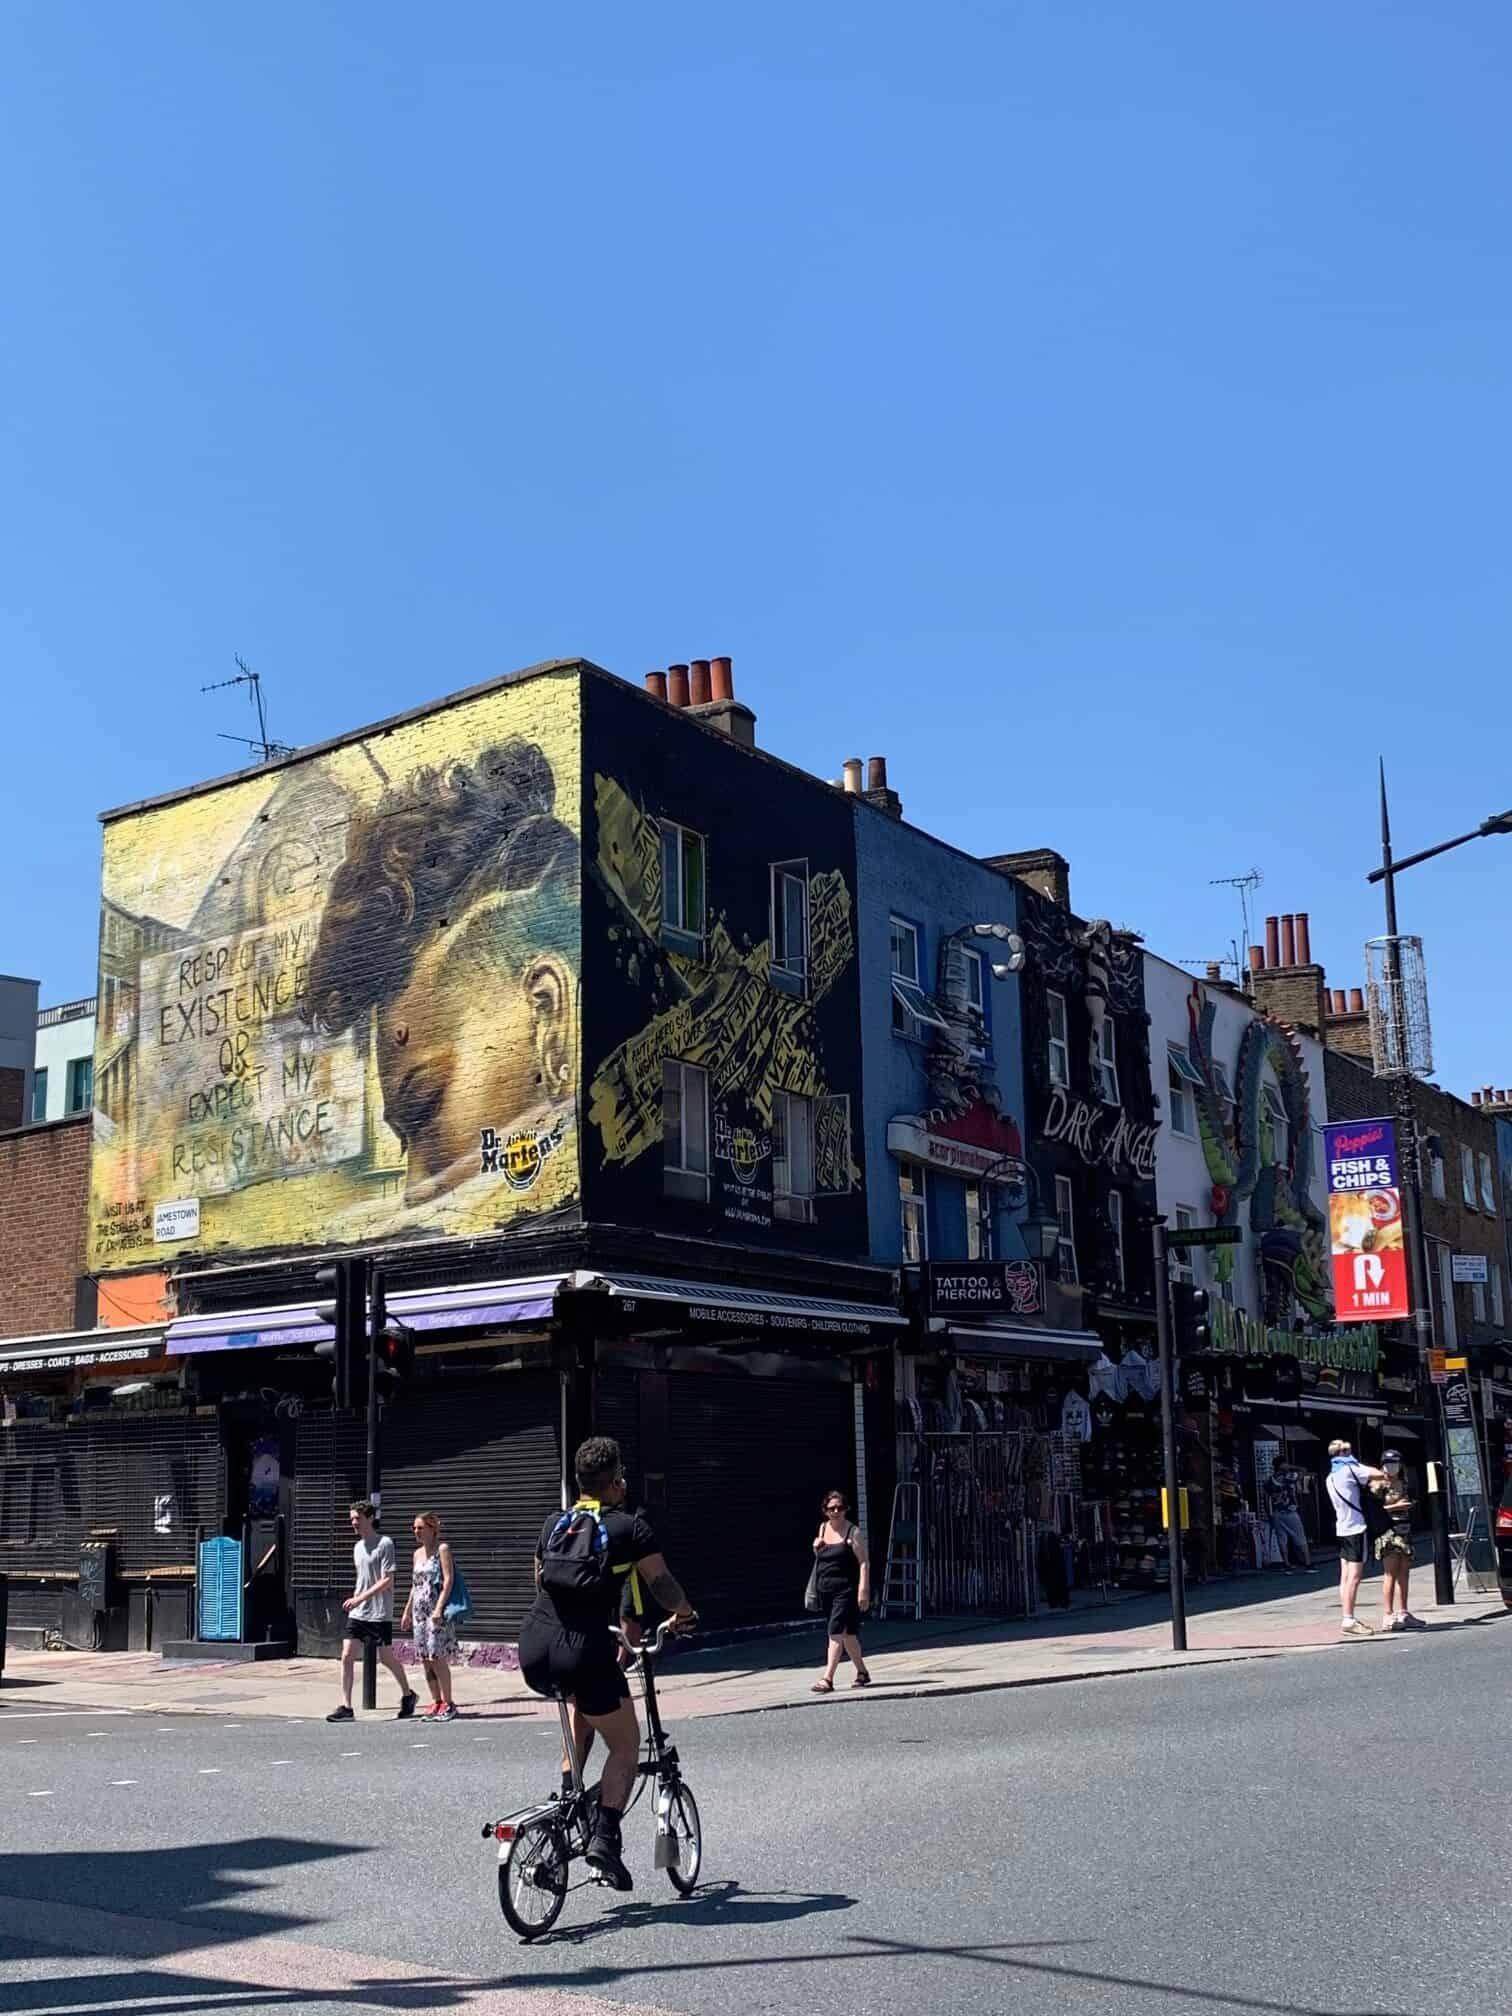 Shops in Camden in London